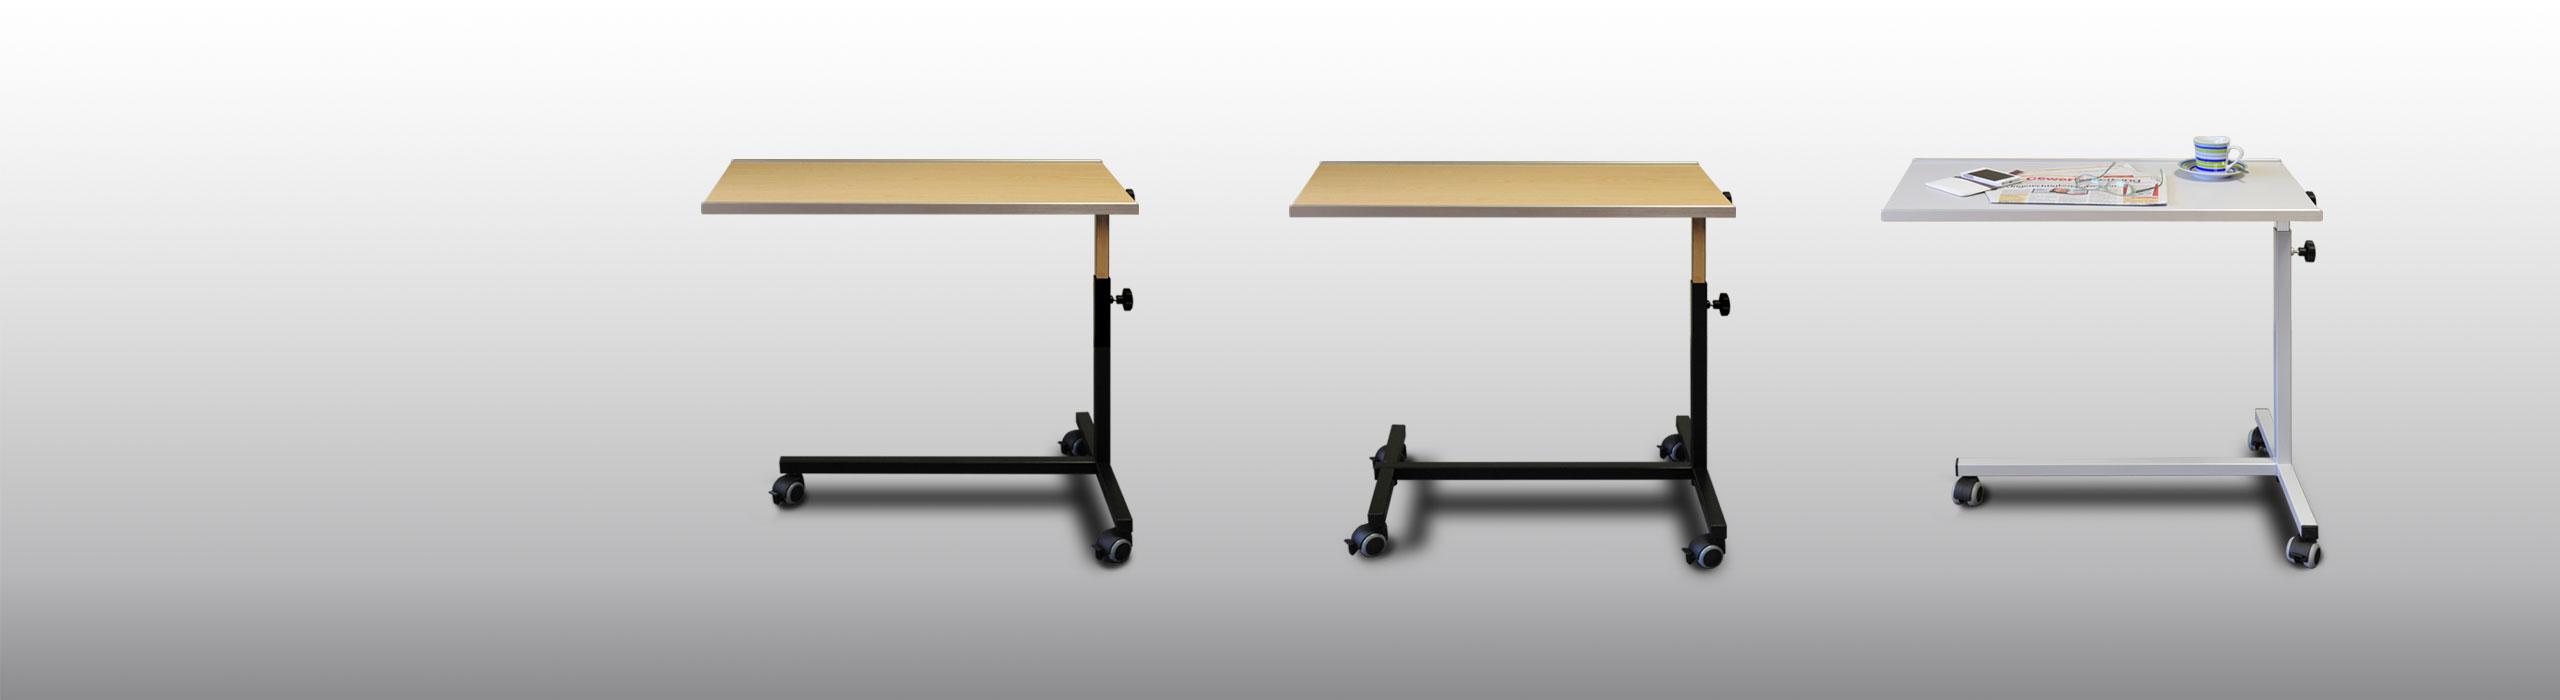 Bett-Tische